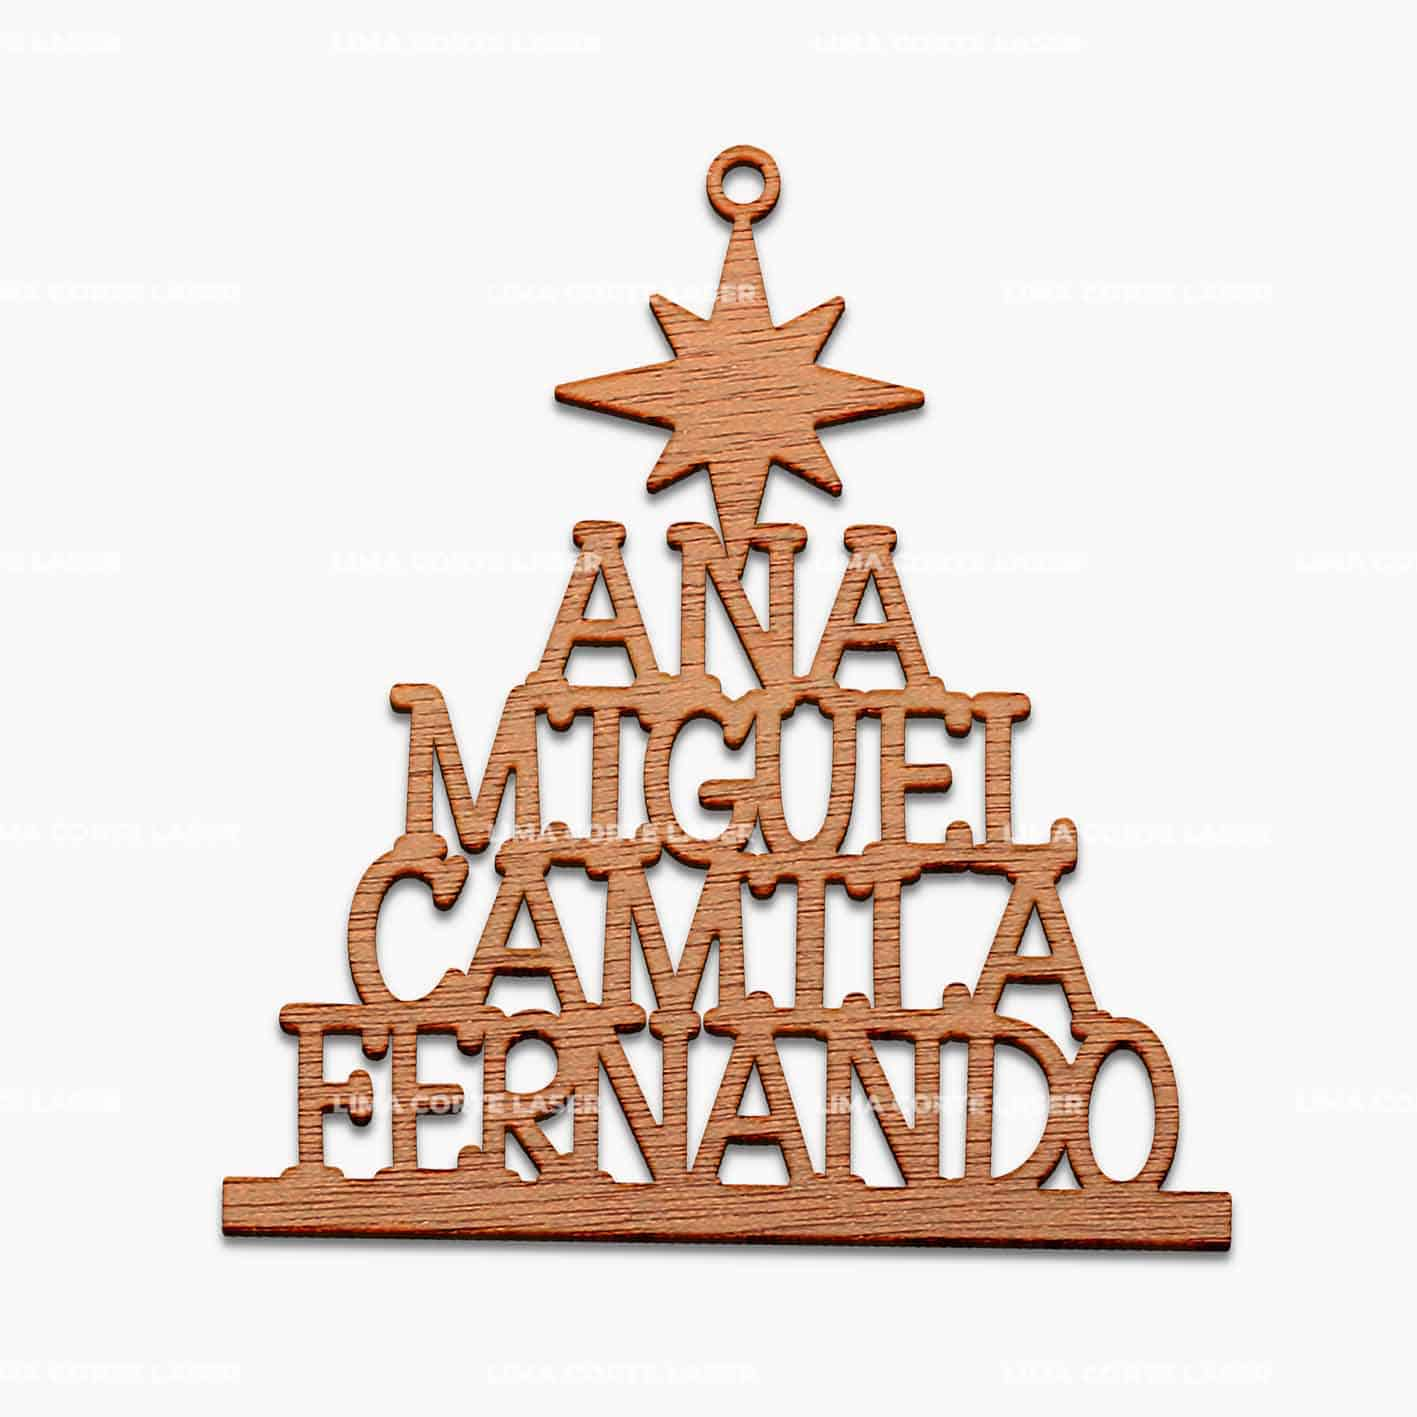 Adorno navideño personalizado con forma de árbol de navidad y nombres de una familia